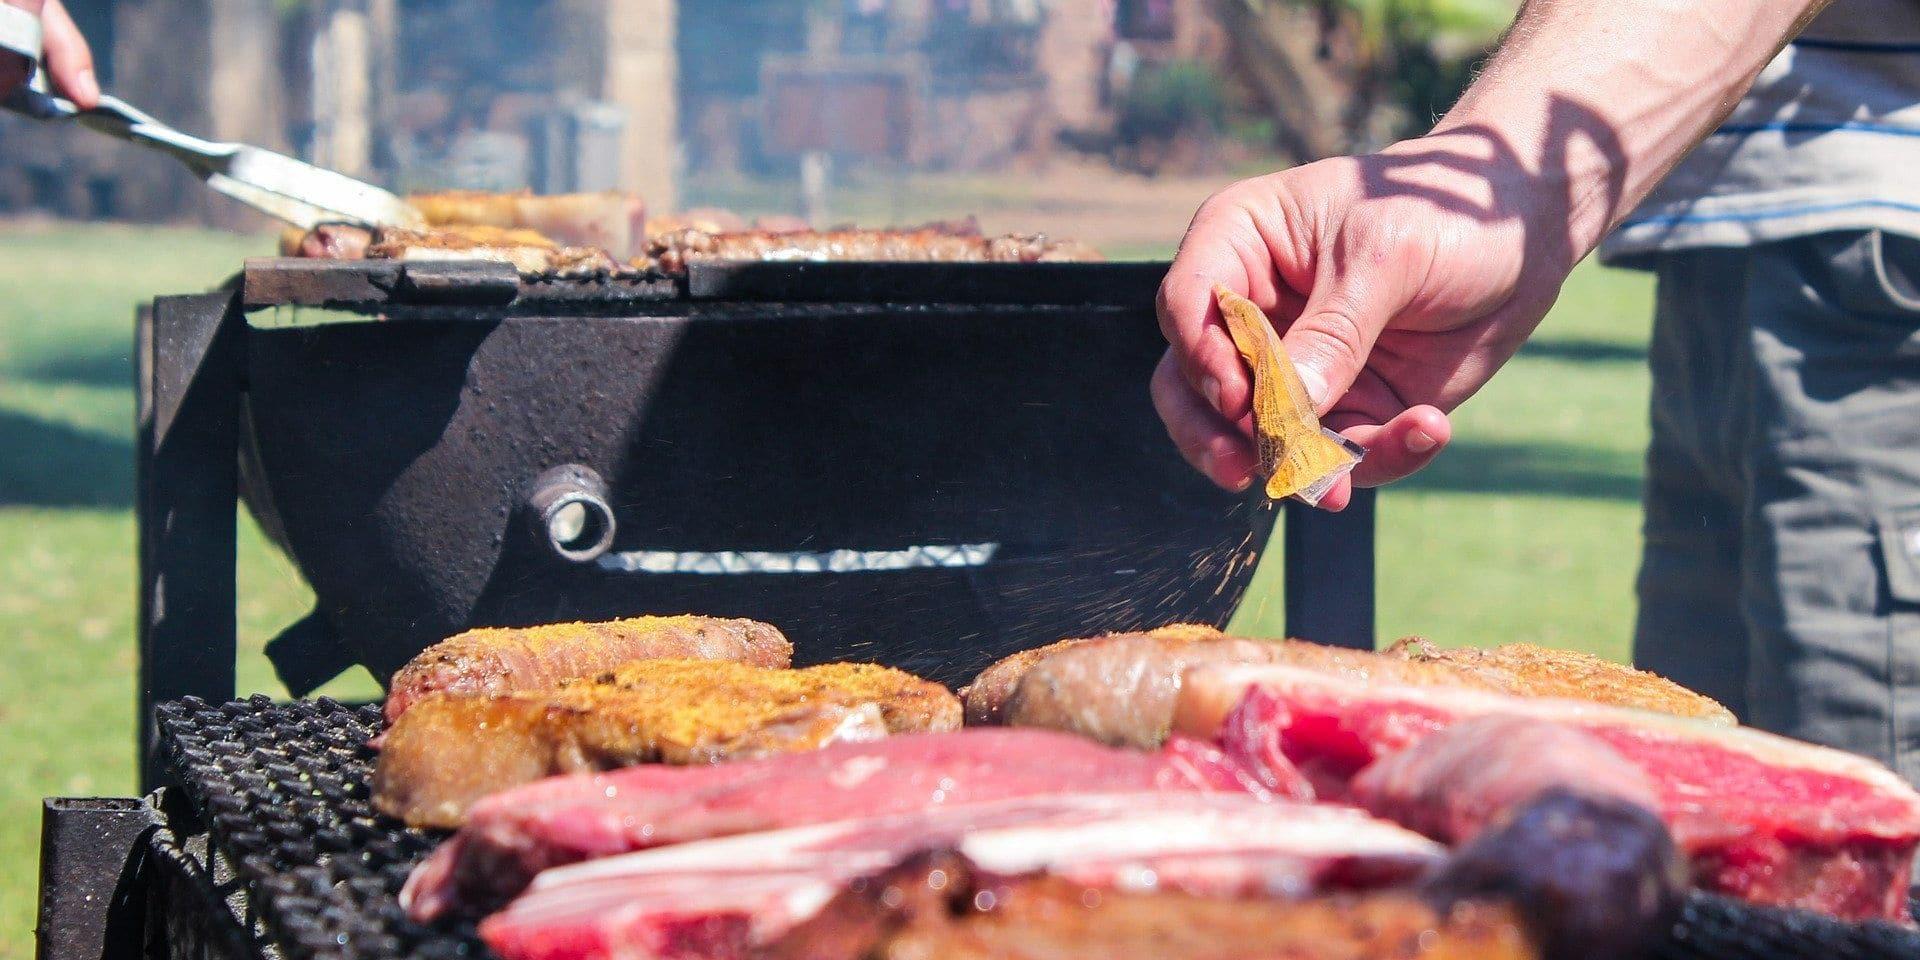 Un barbecue de 80 personnes hors de contrôle, 7 personnes interpellées